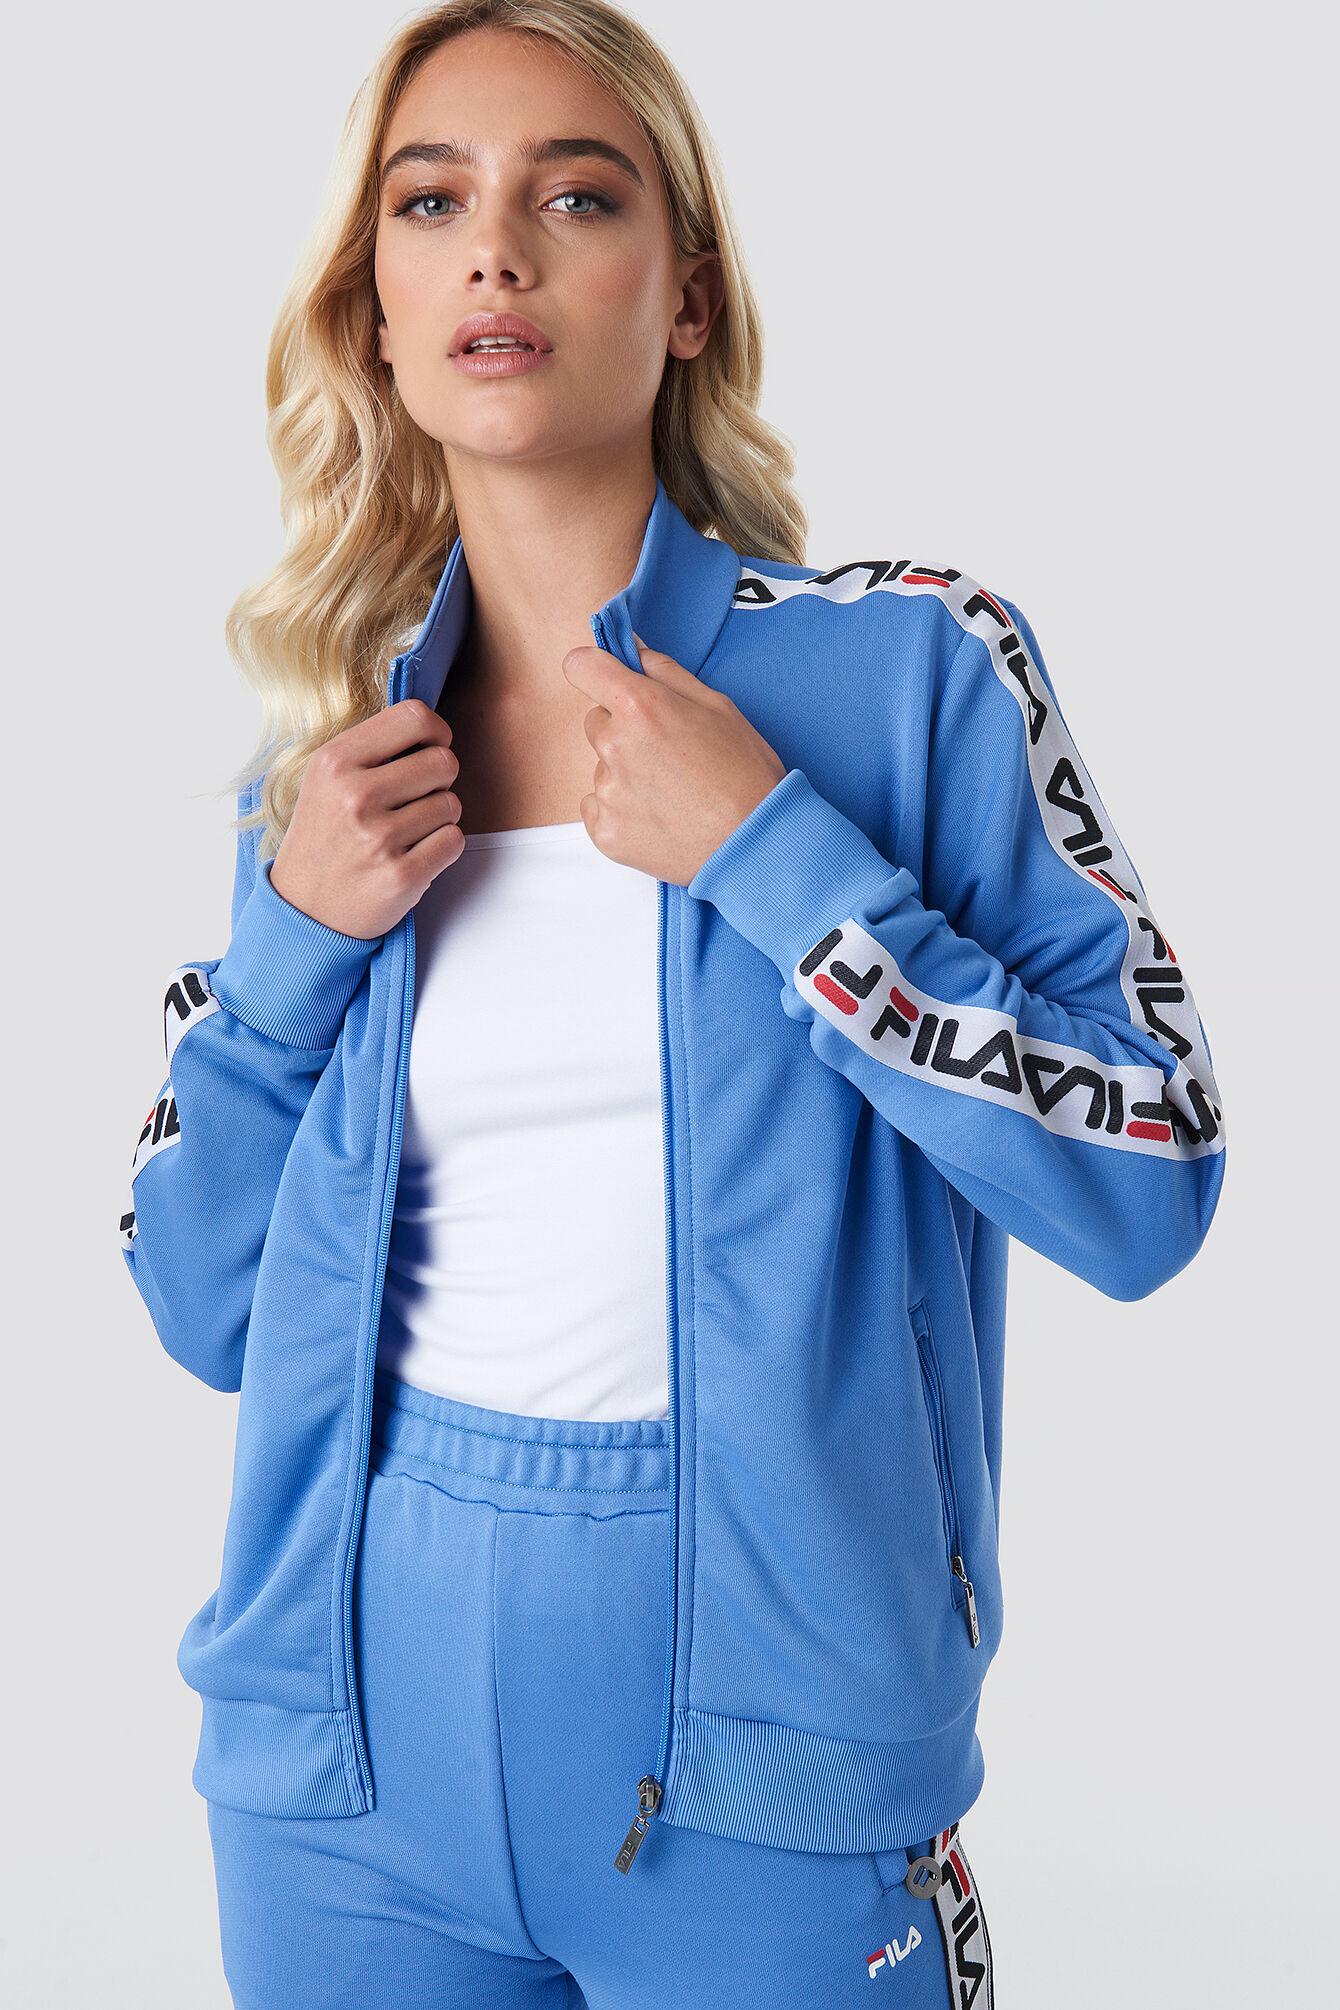 FILA Talli Track Jacket - Blue  - Size: Small